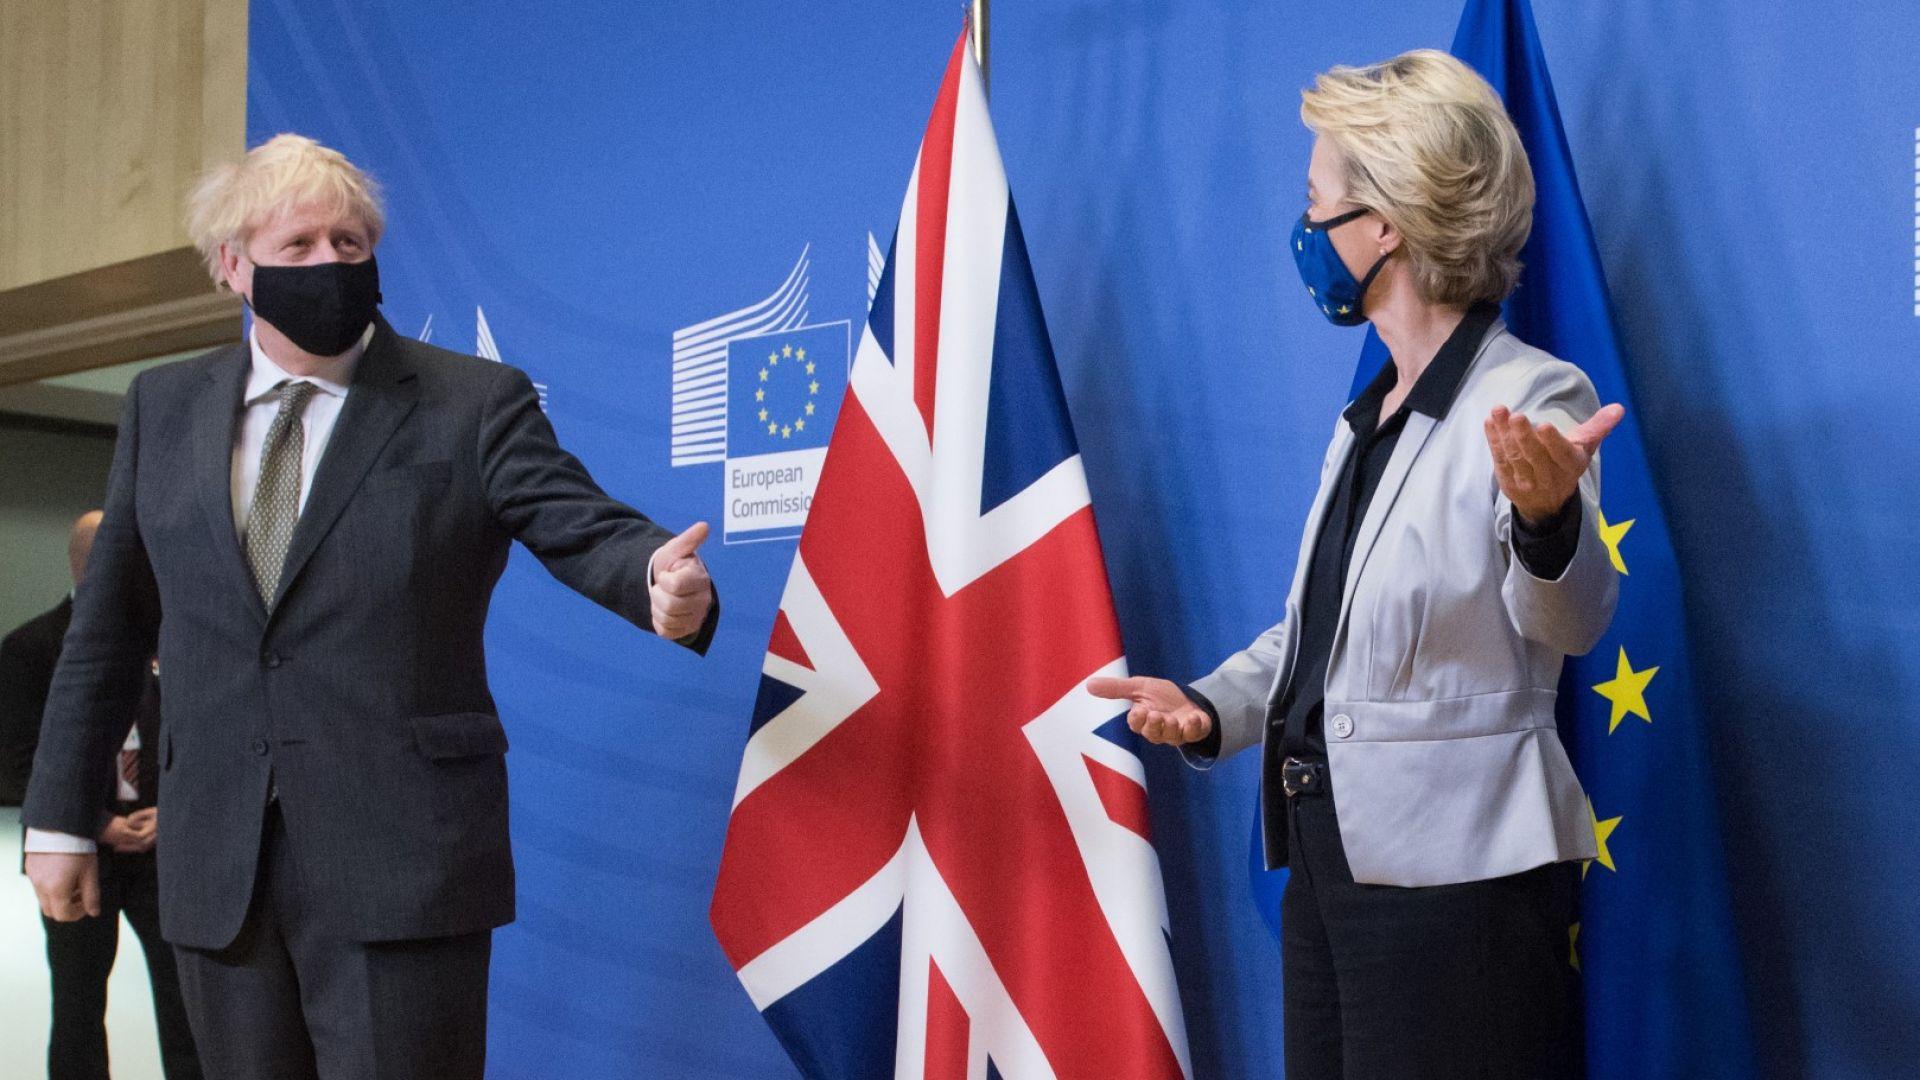 Търговската сделка между Лондон и Брюксел още не е факт, риболовът я спъна